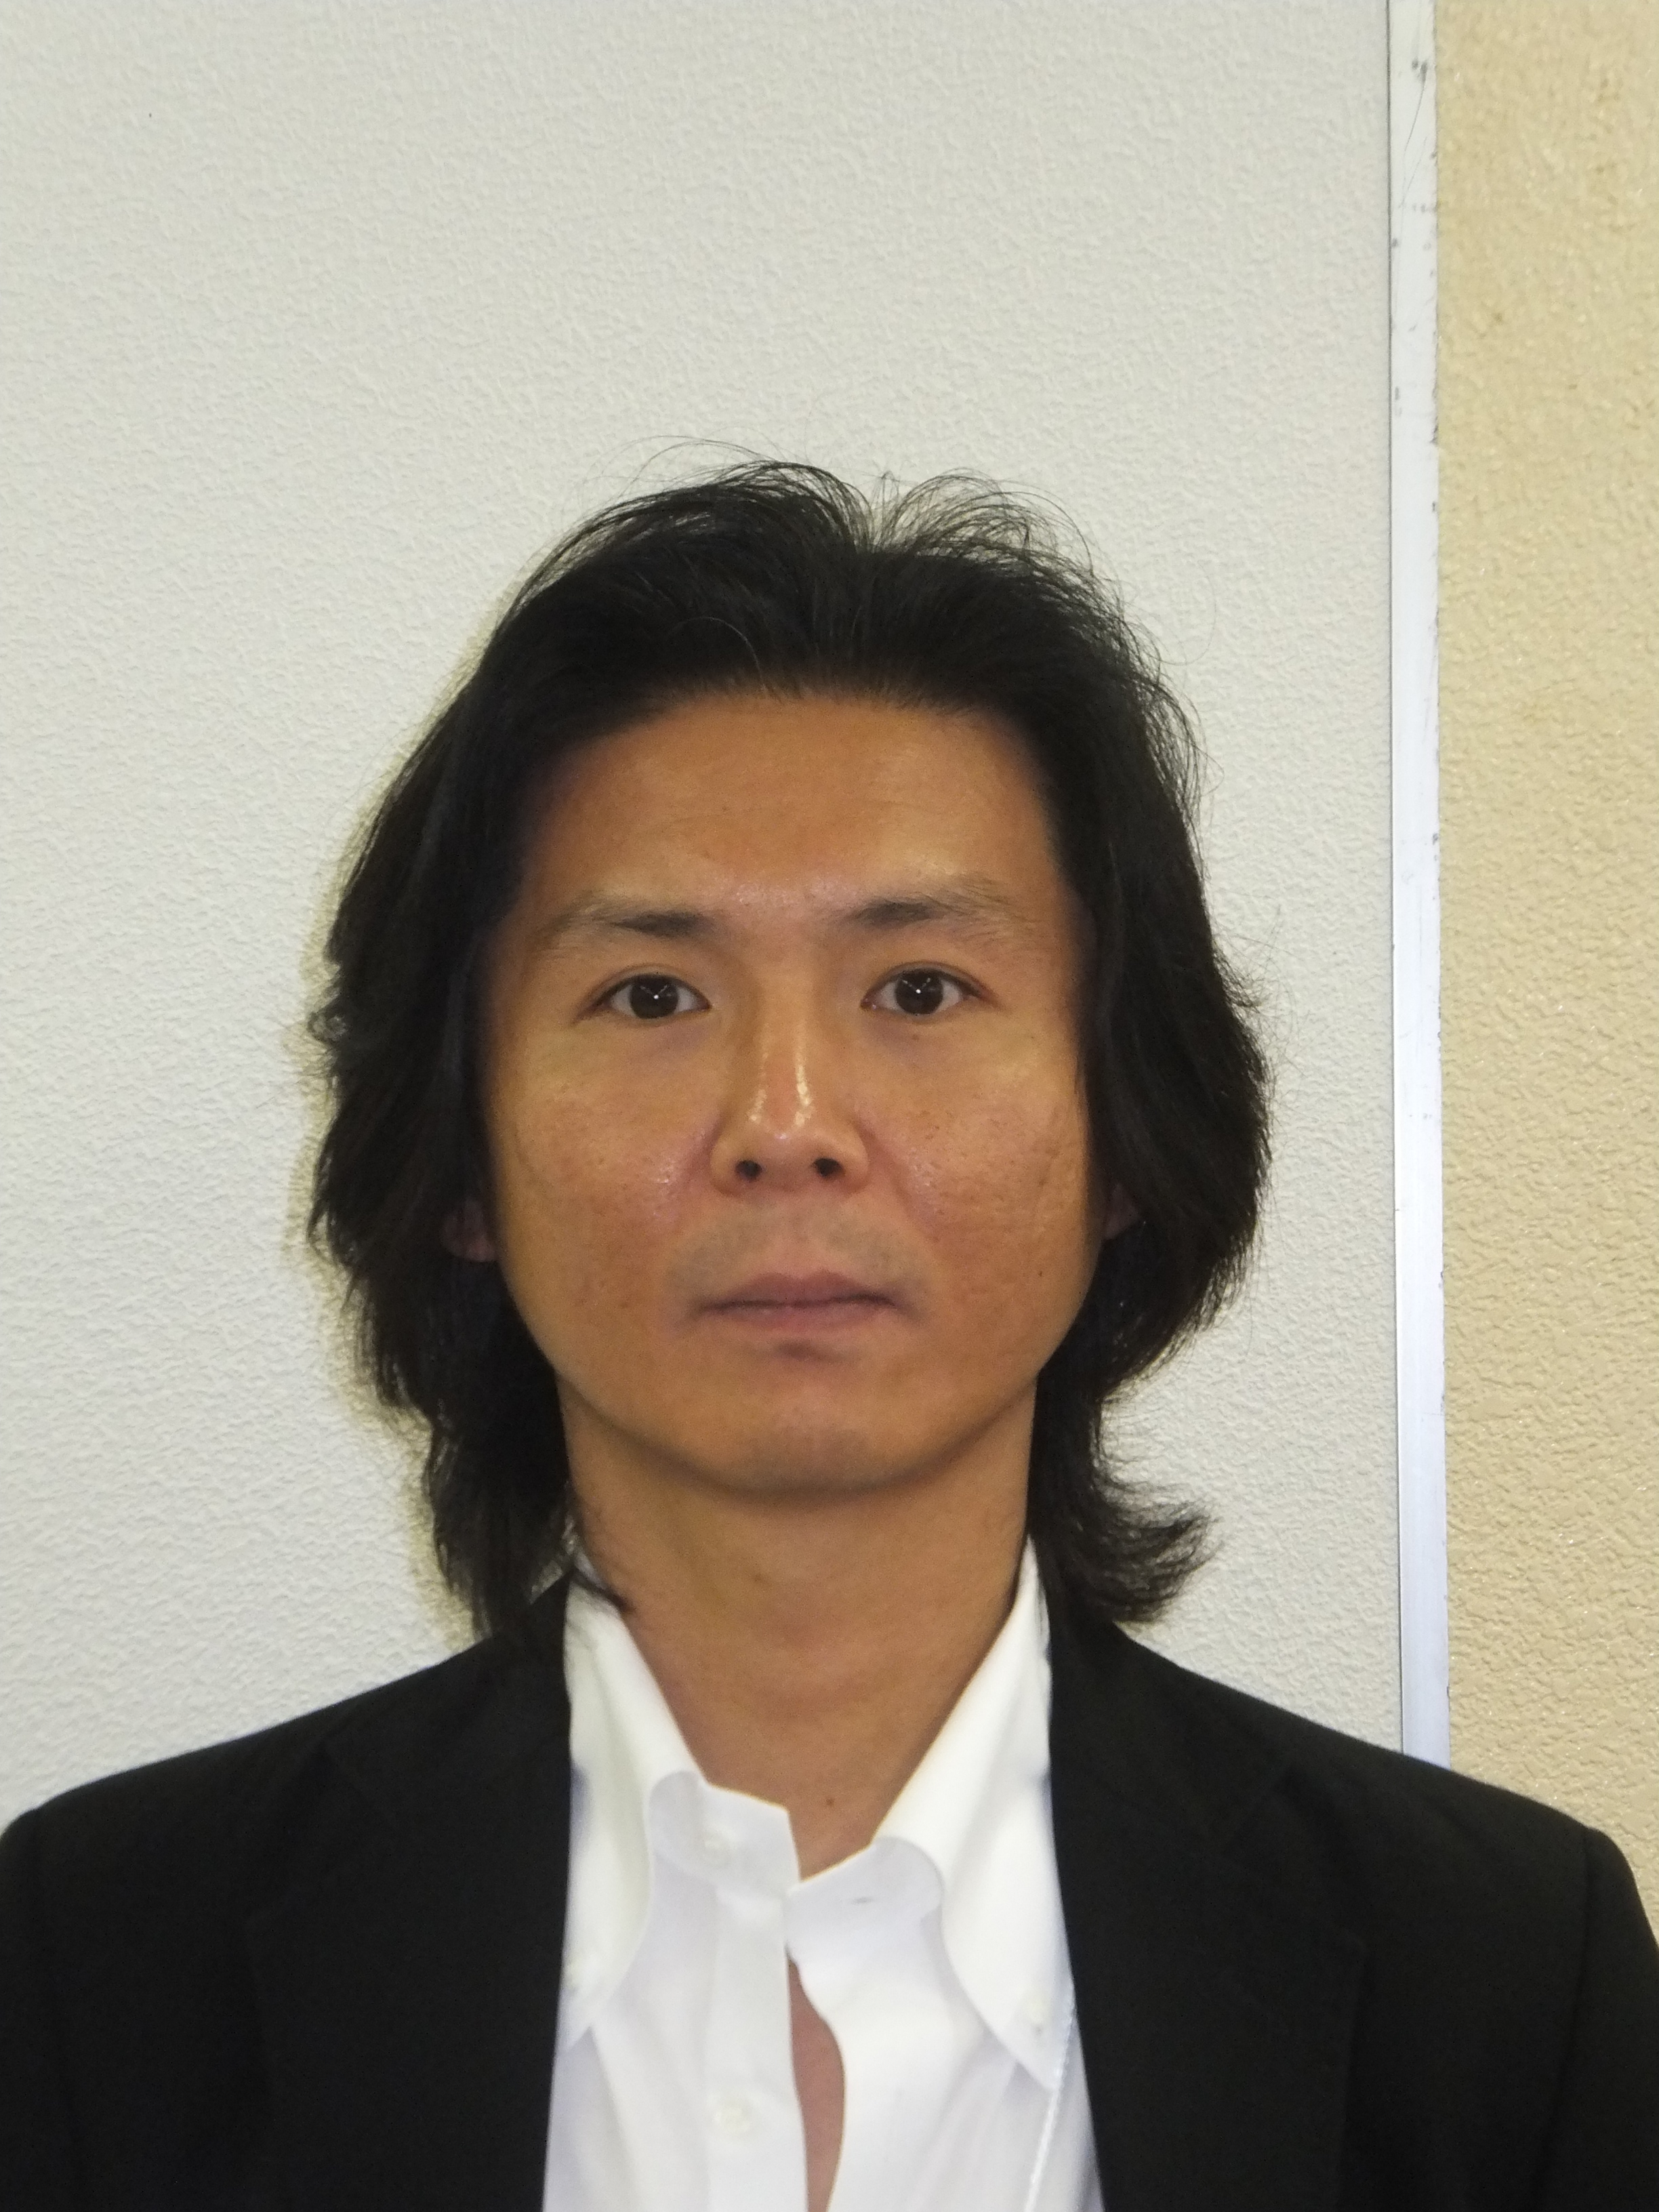 中川雄介社長